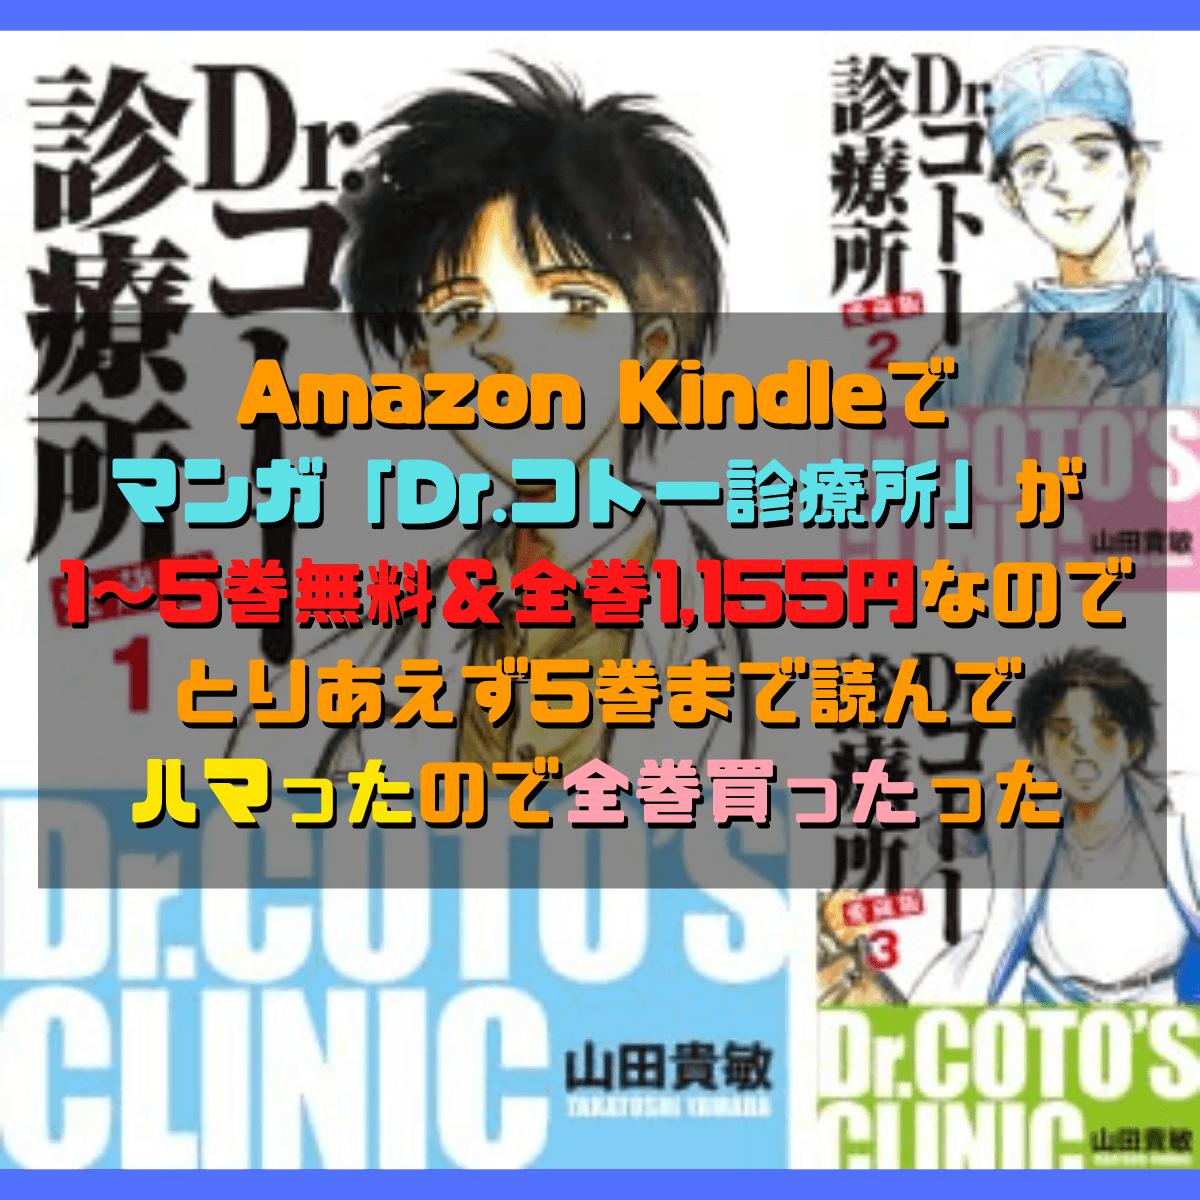 Amazon Kindleで マンガ「Dr.コトー診療所」が 1~5巻無料&全巻1,155円なので とりあえず5巻まで読んで ハマったので全巻買ったった